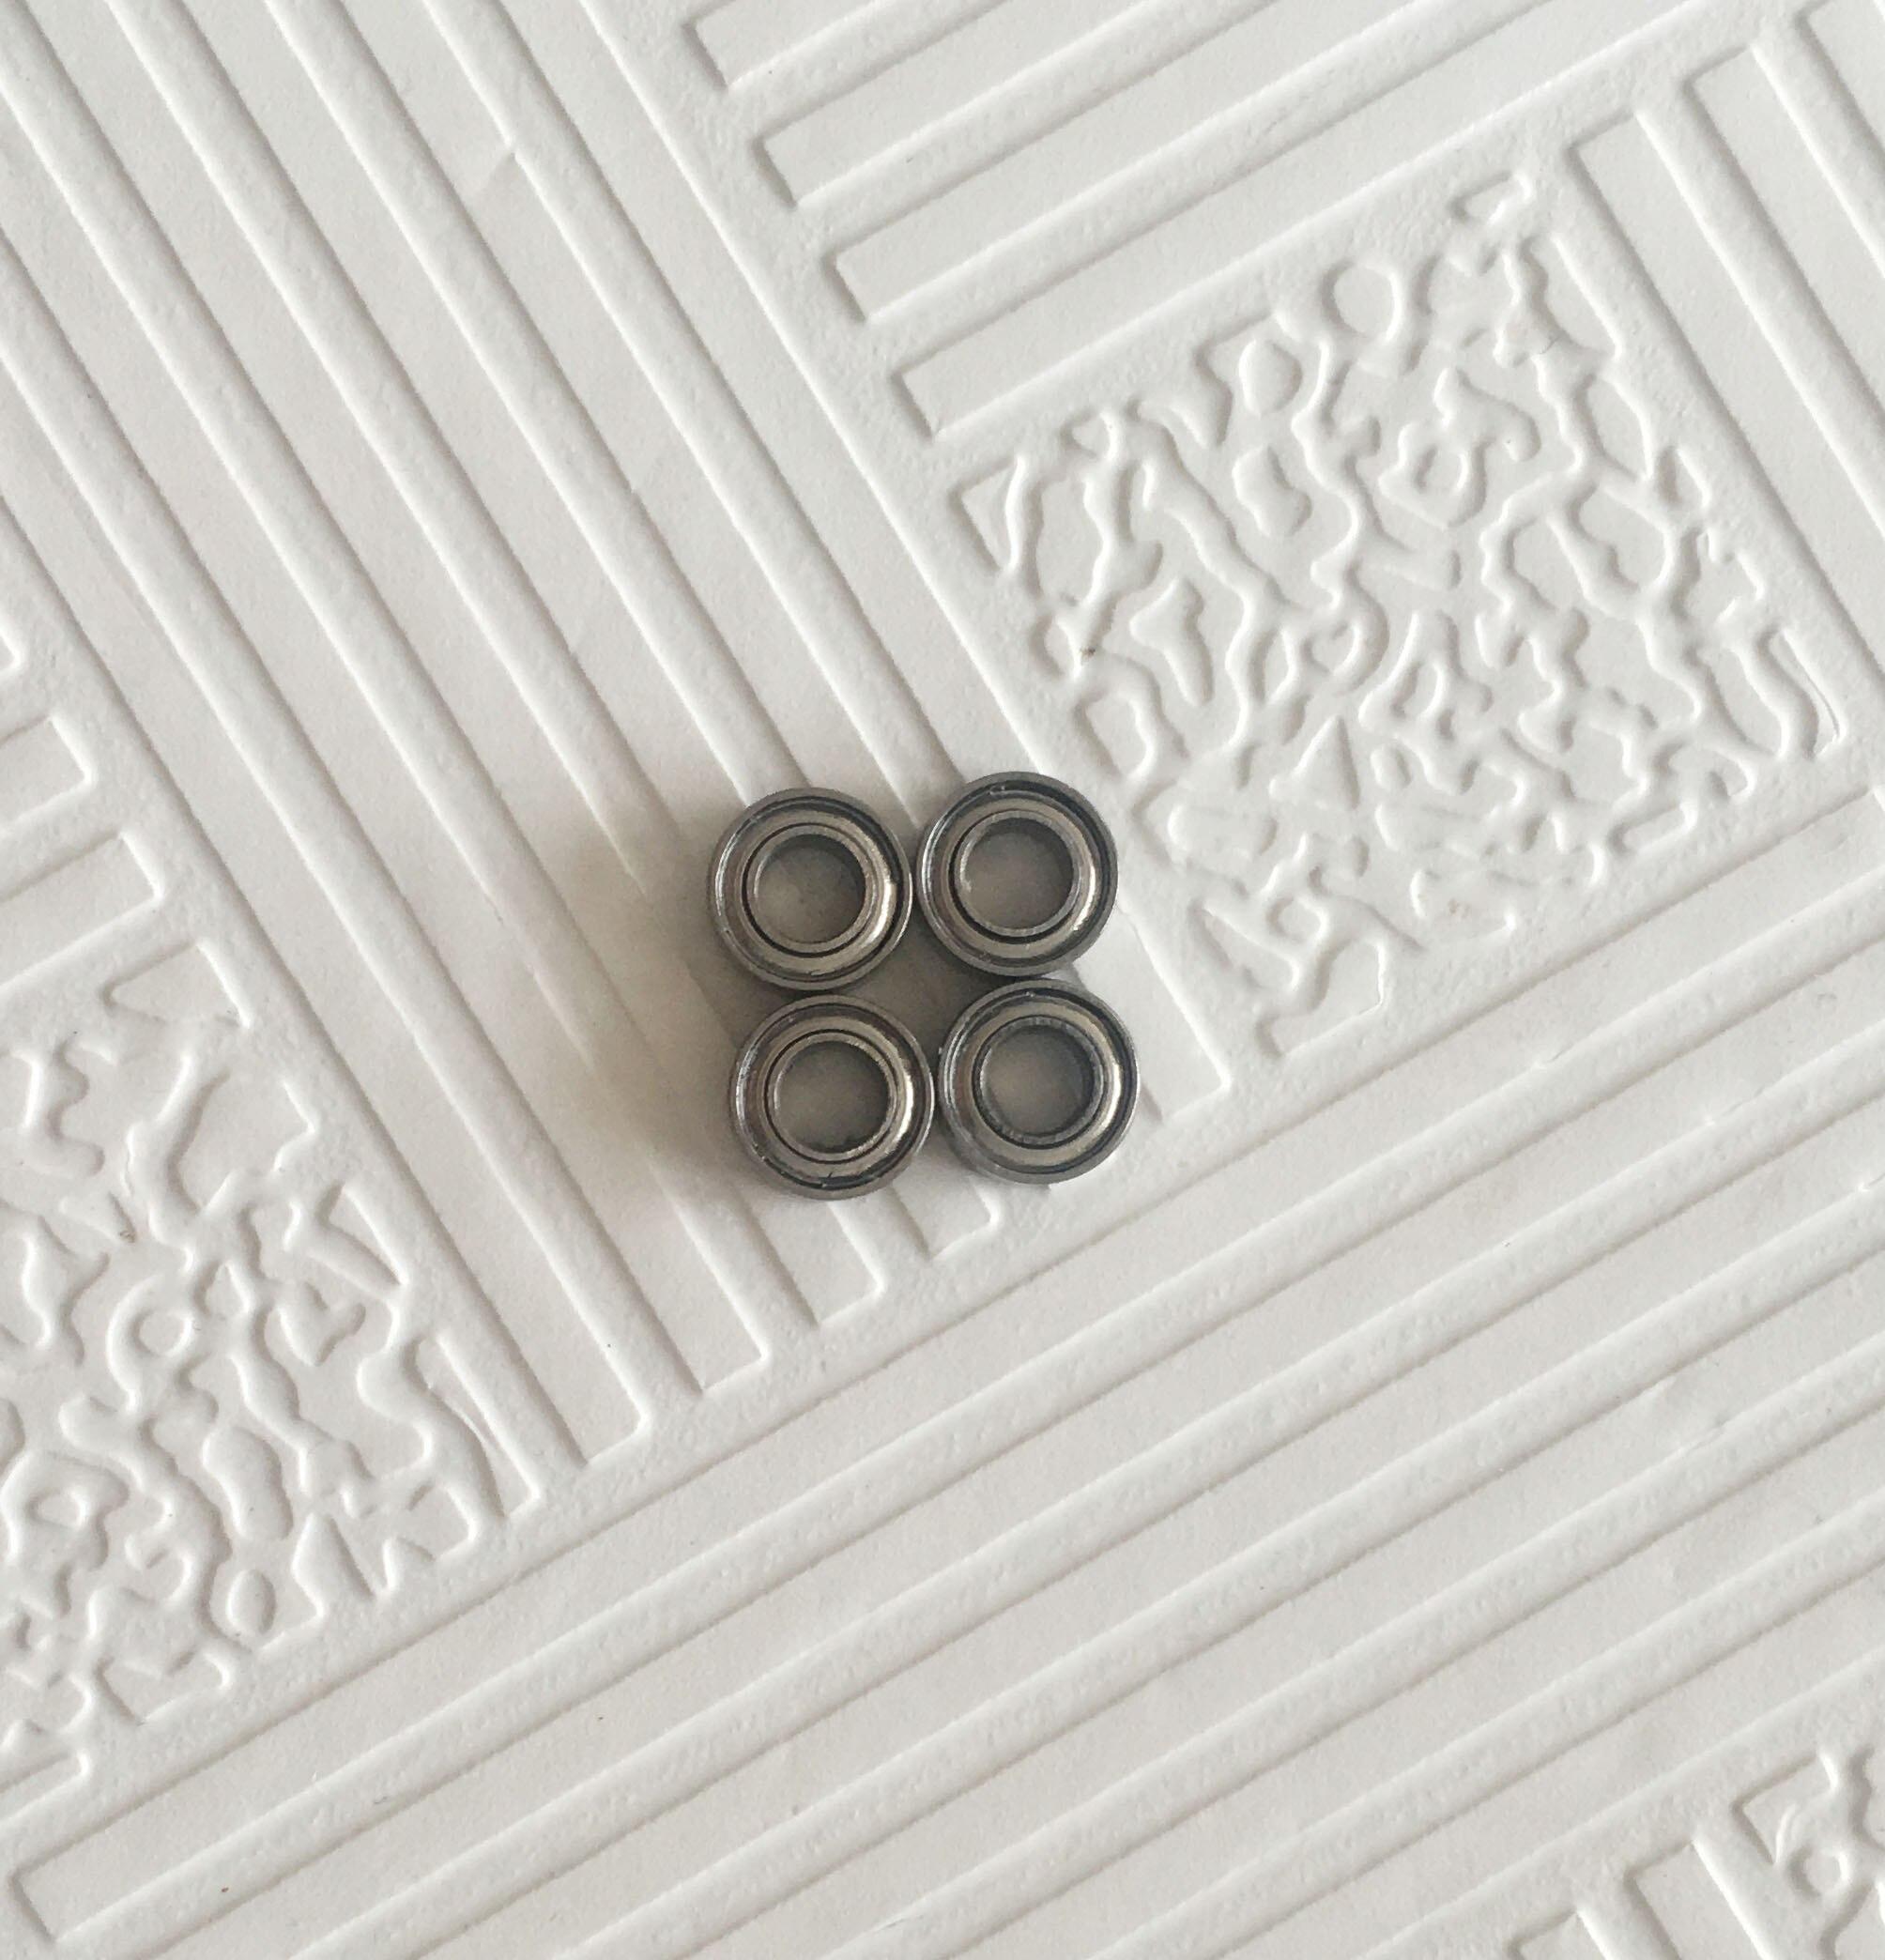 625 zz deep groove ball bearing 5x16x5mm miniature bearing 625zz<br><br>Aliexpress